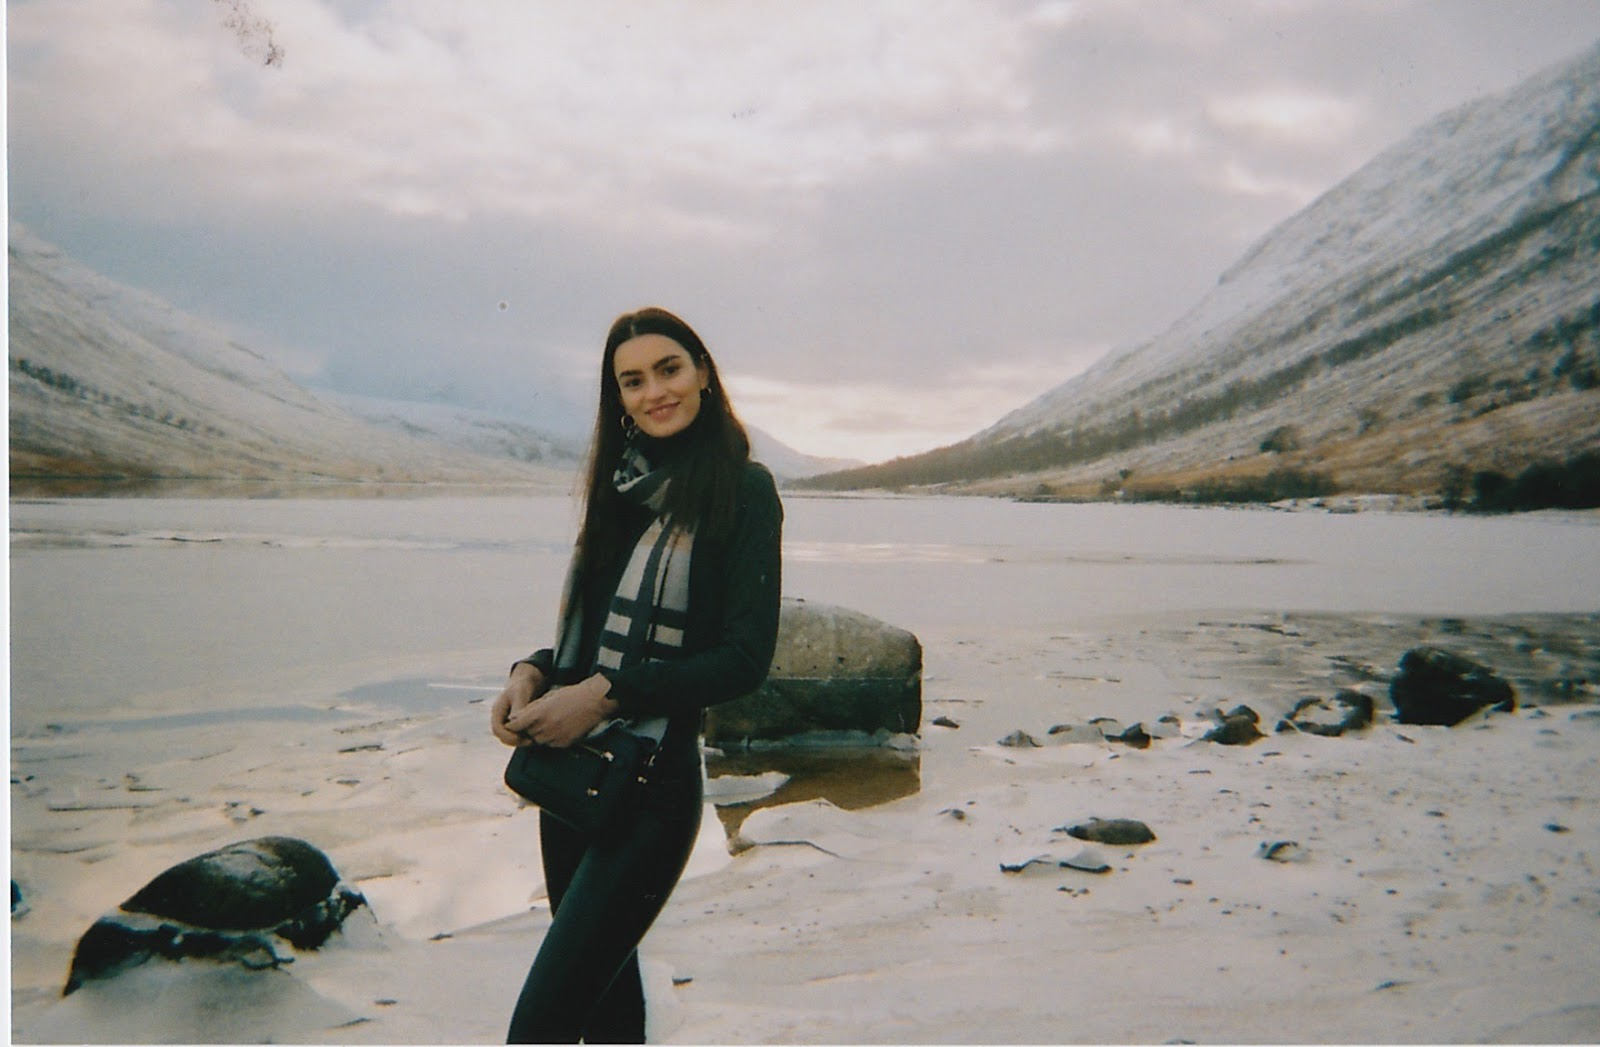 film photos 35mm scotland